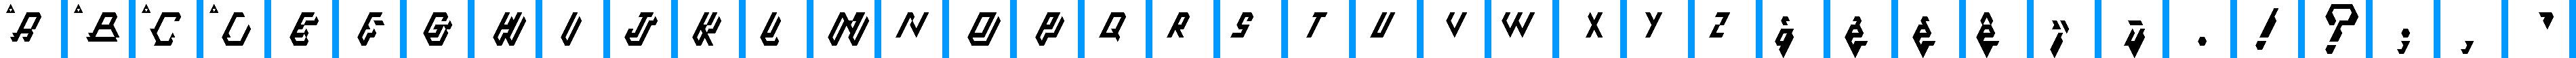 Particip-a-type v.39